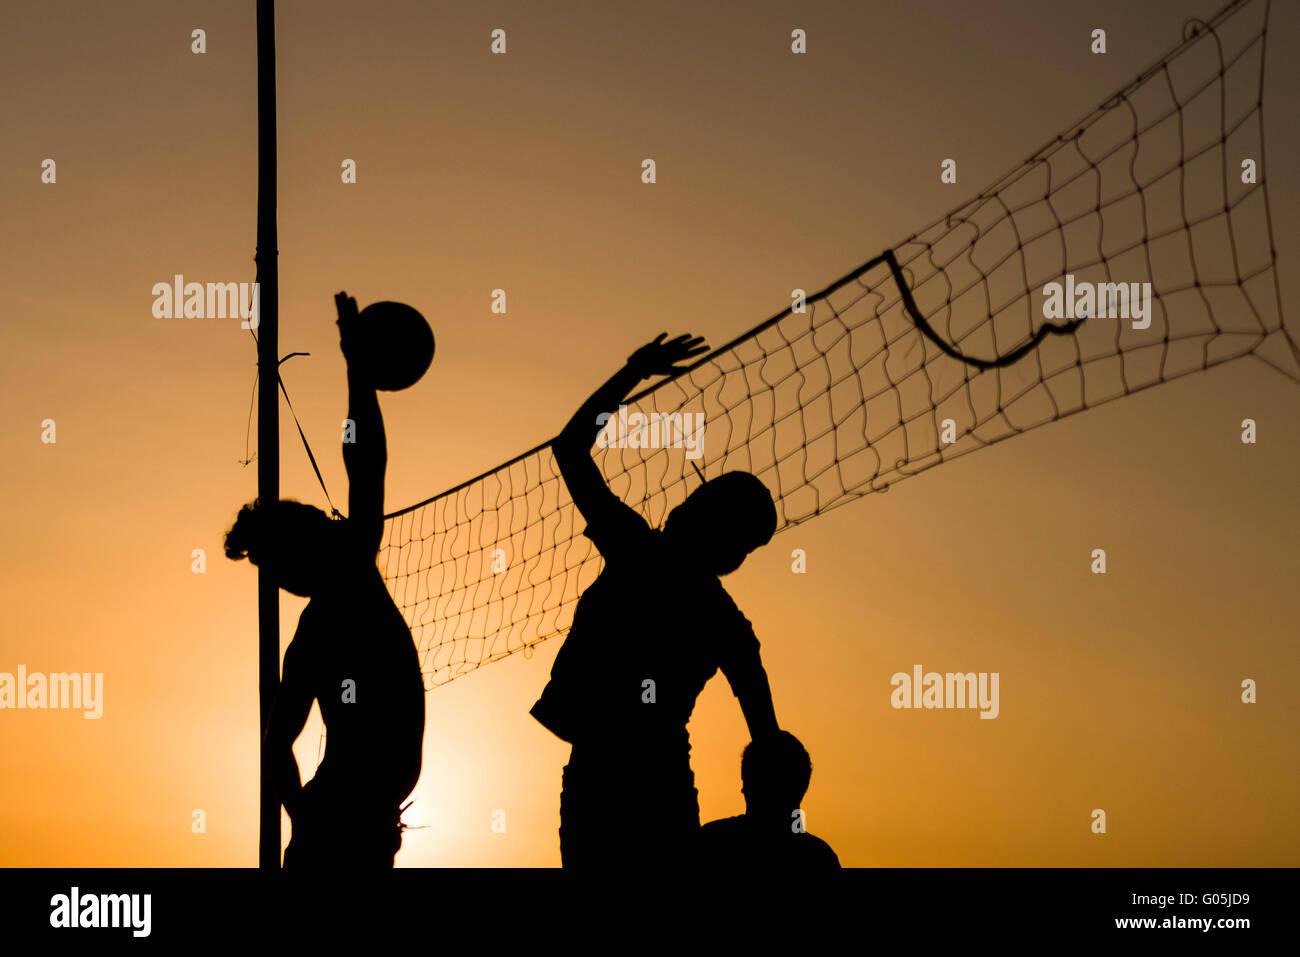 Volleyball spielen Menschen Silhouetten mit Vollayball und im Netz. Stockbild